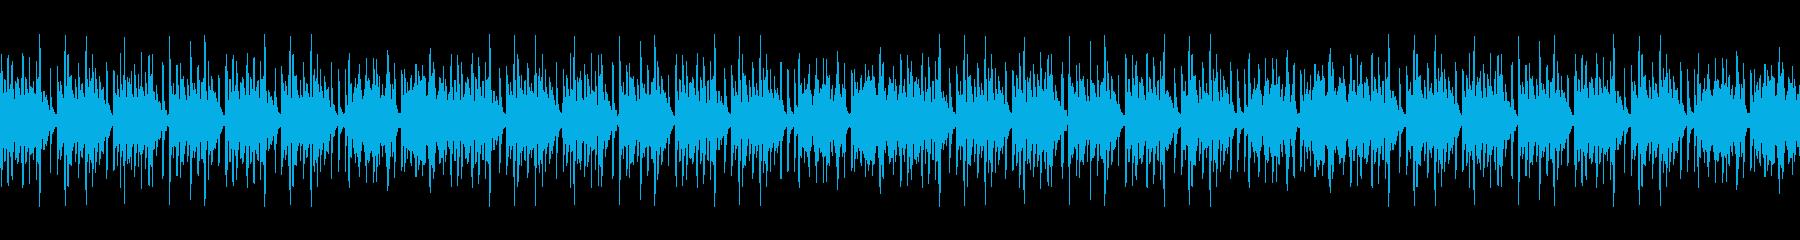 【不吉/不気味なシーンに最適ピアノ】の再生済みの波形